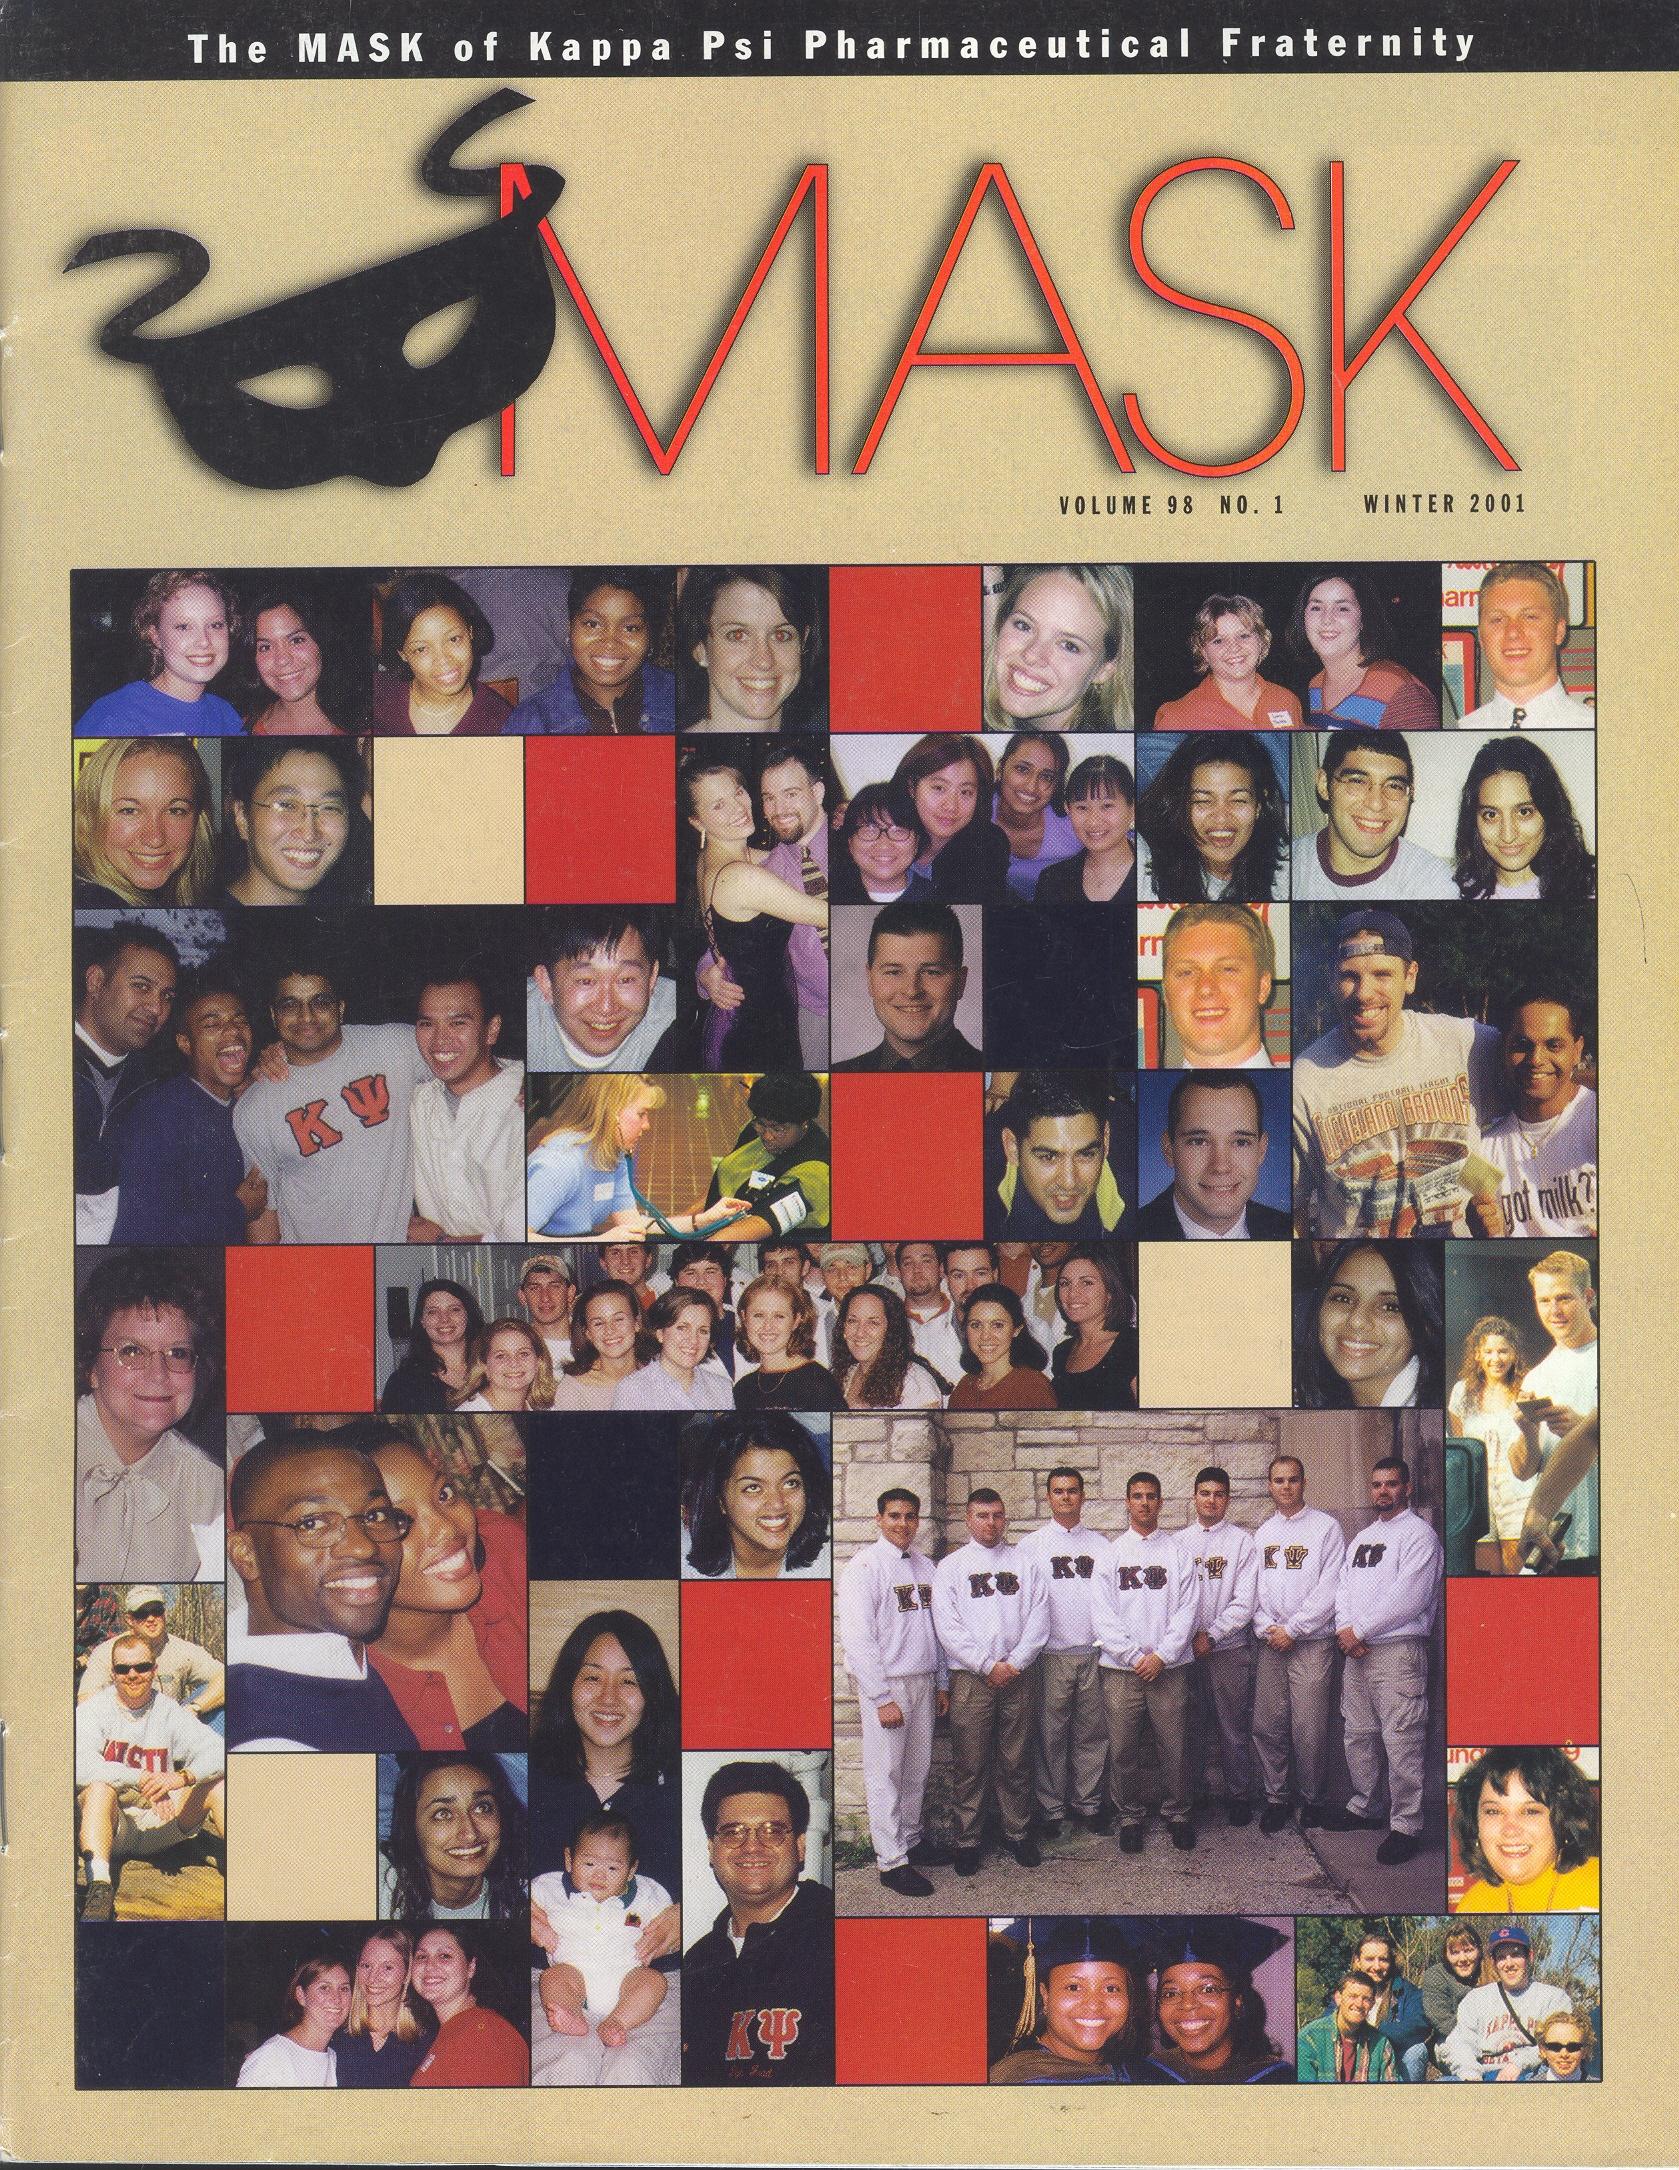 mask_cover_98-1_2001_win.jpg